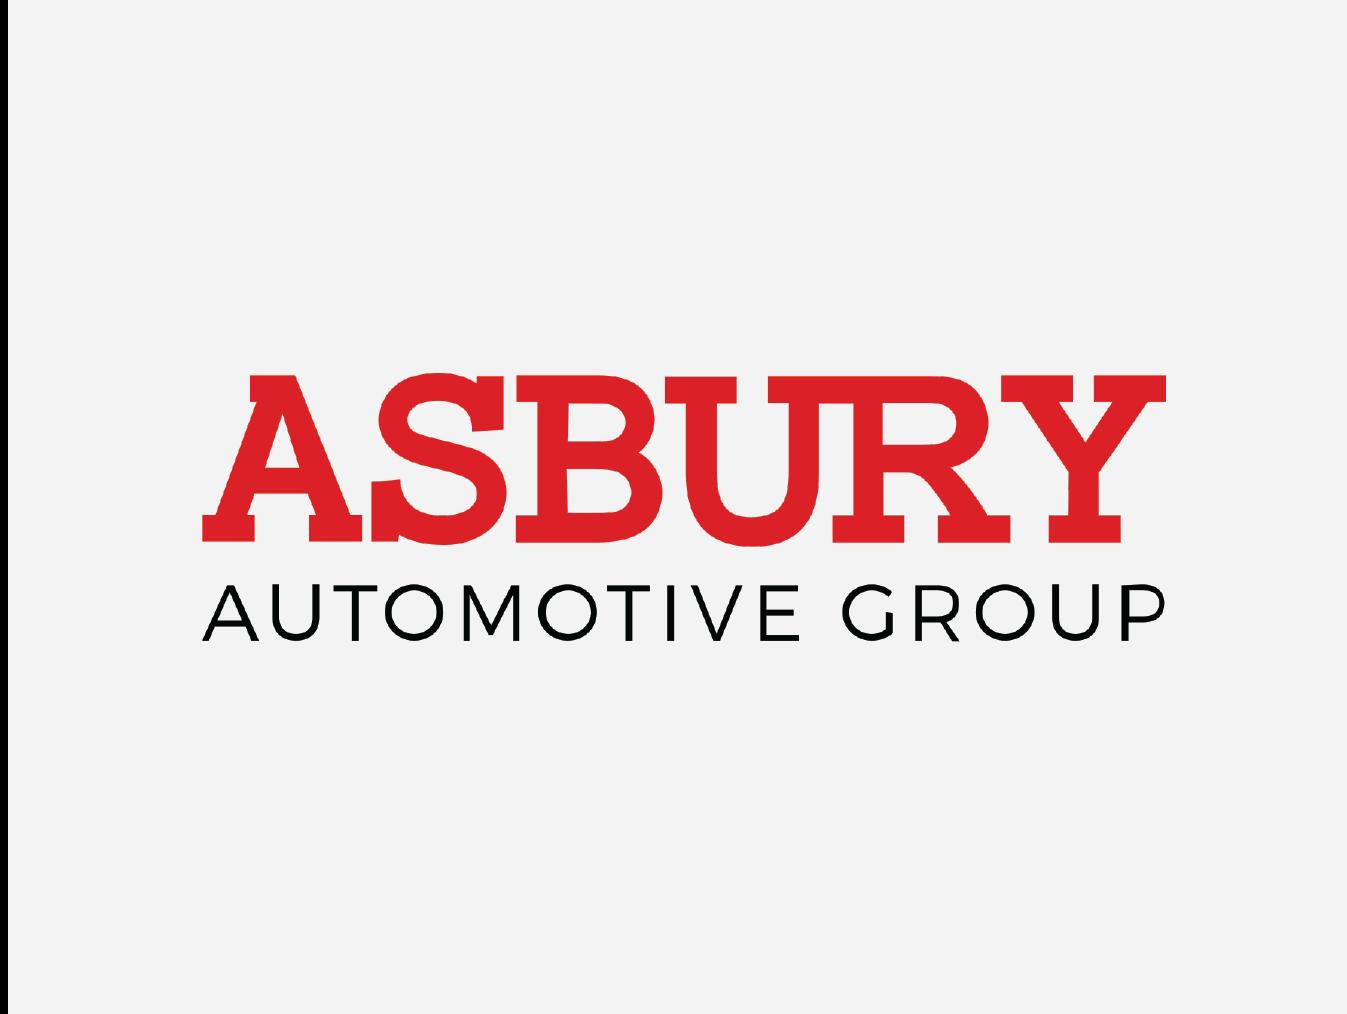 Automotive-Groups-10.png